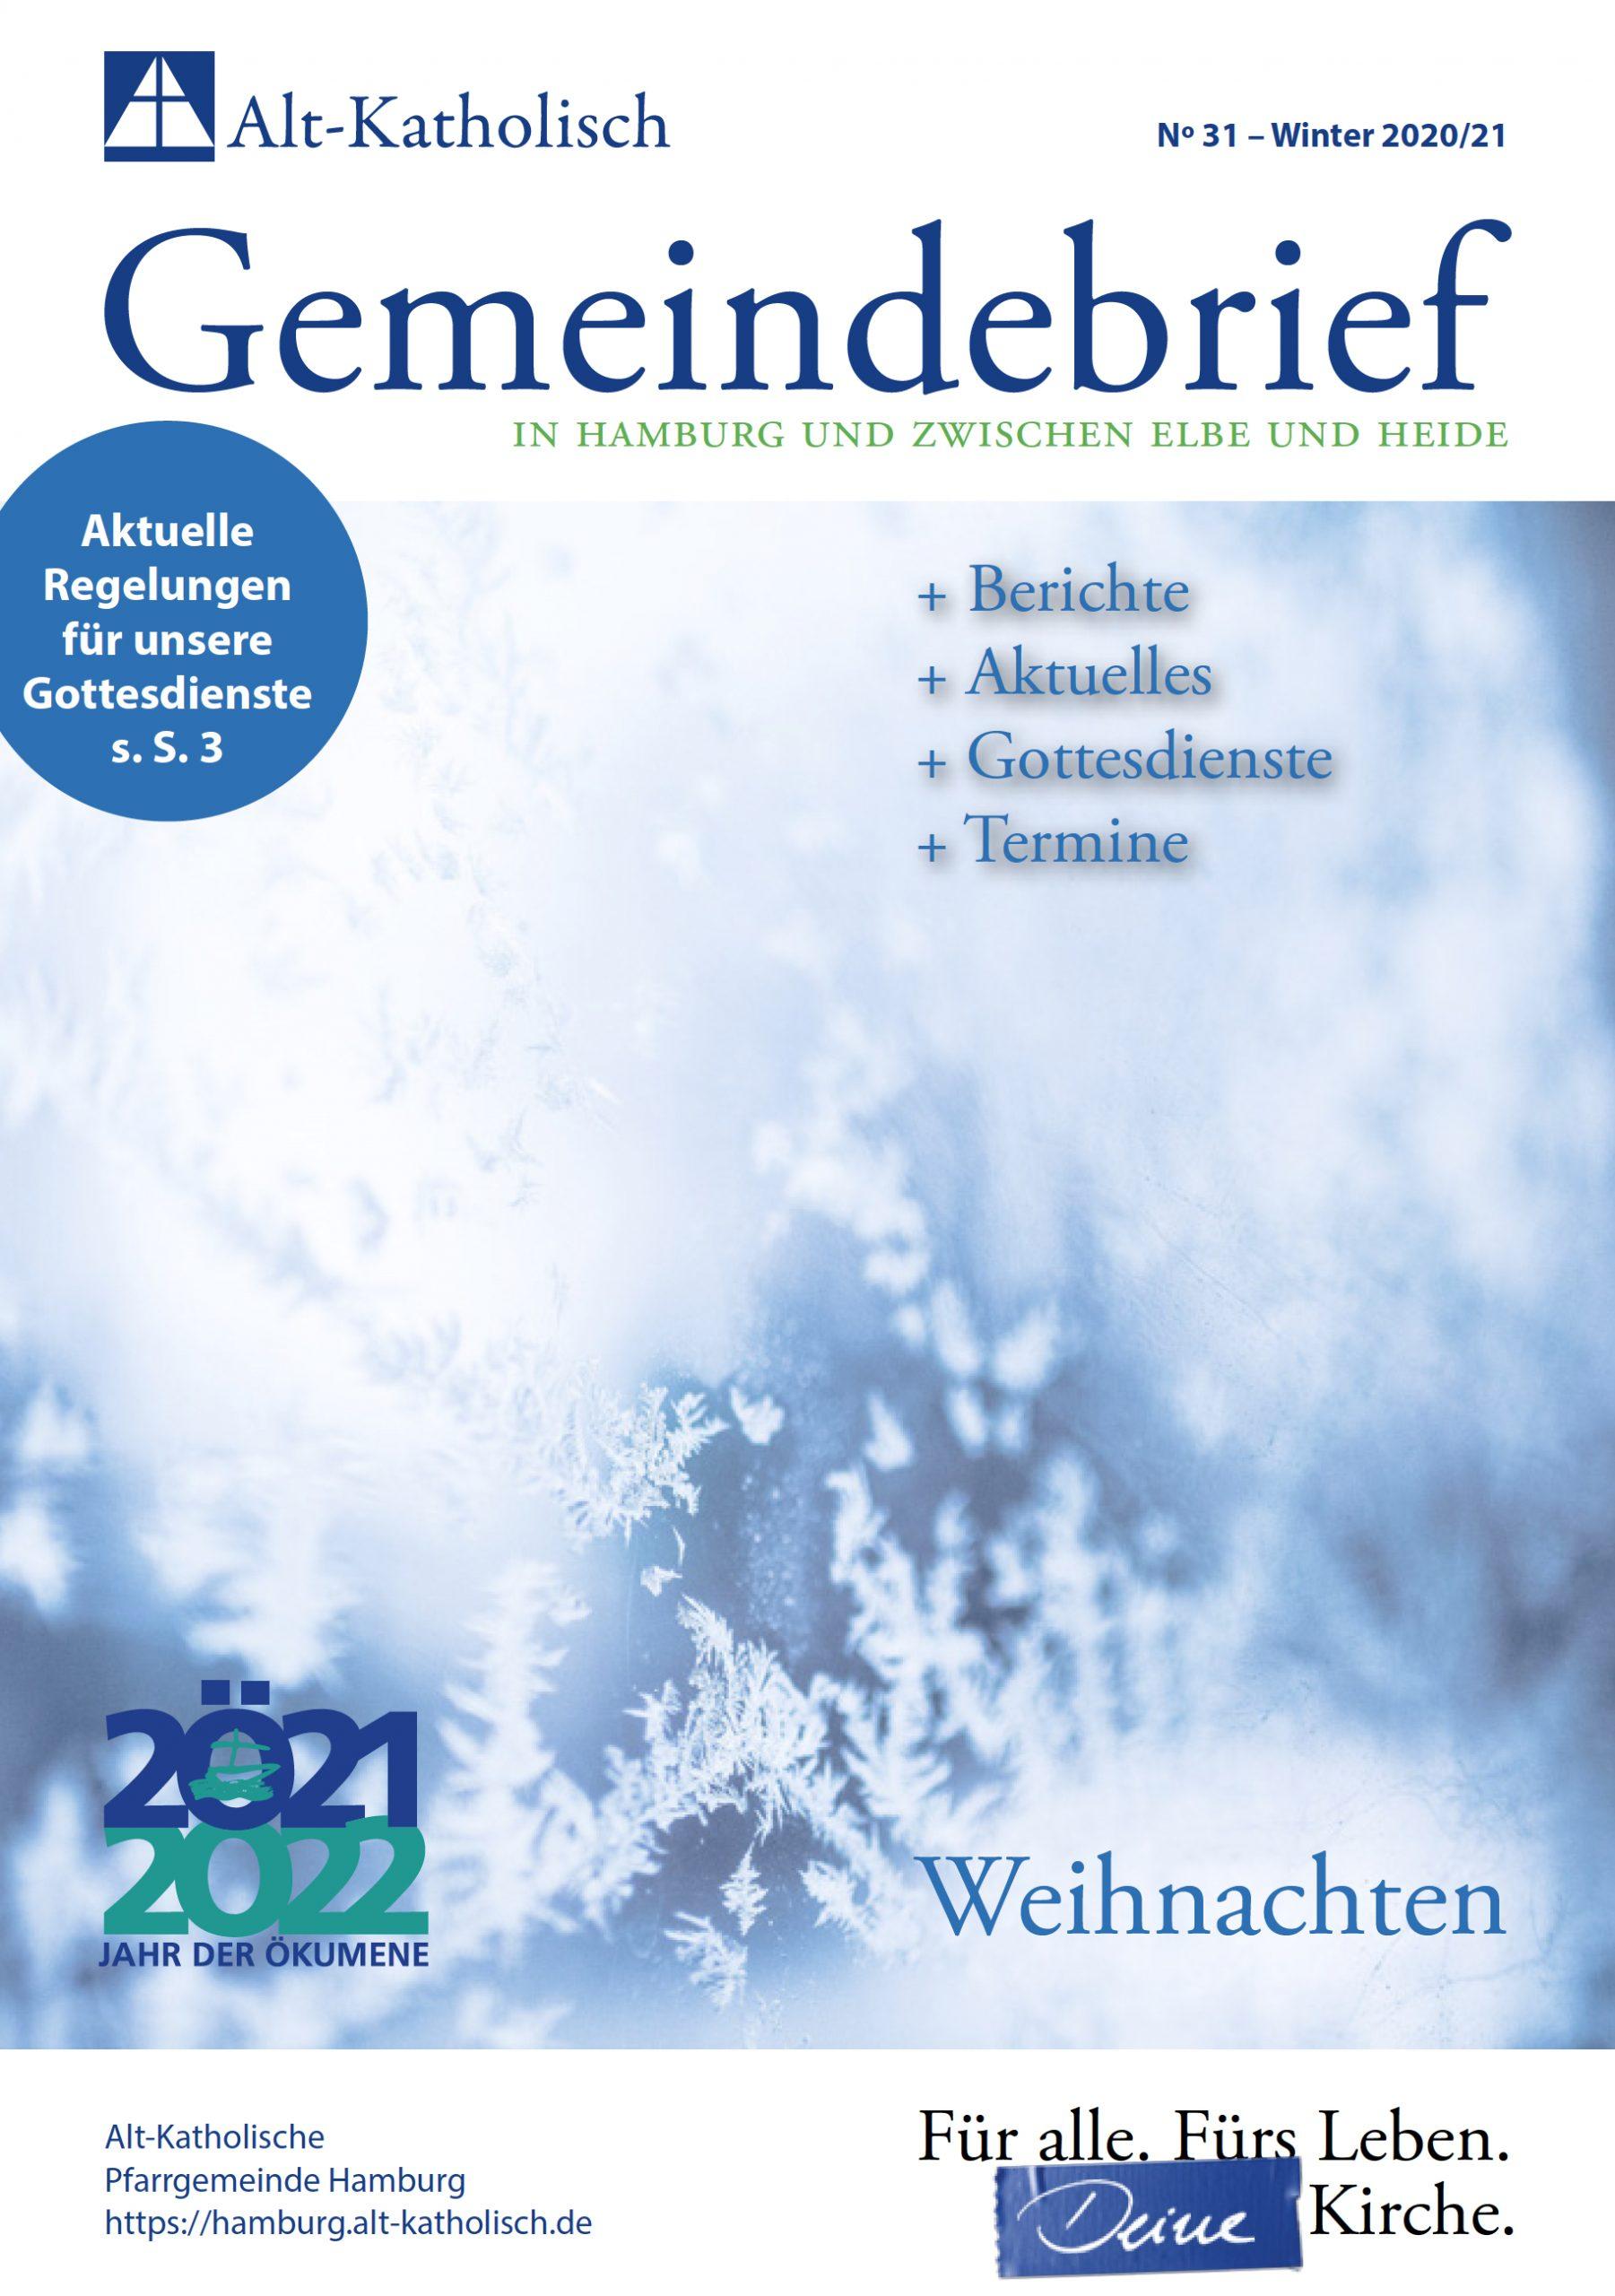 Gemeindebrief Winter 2020 / 2021